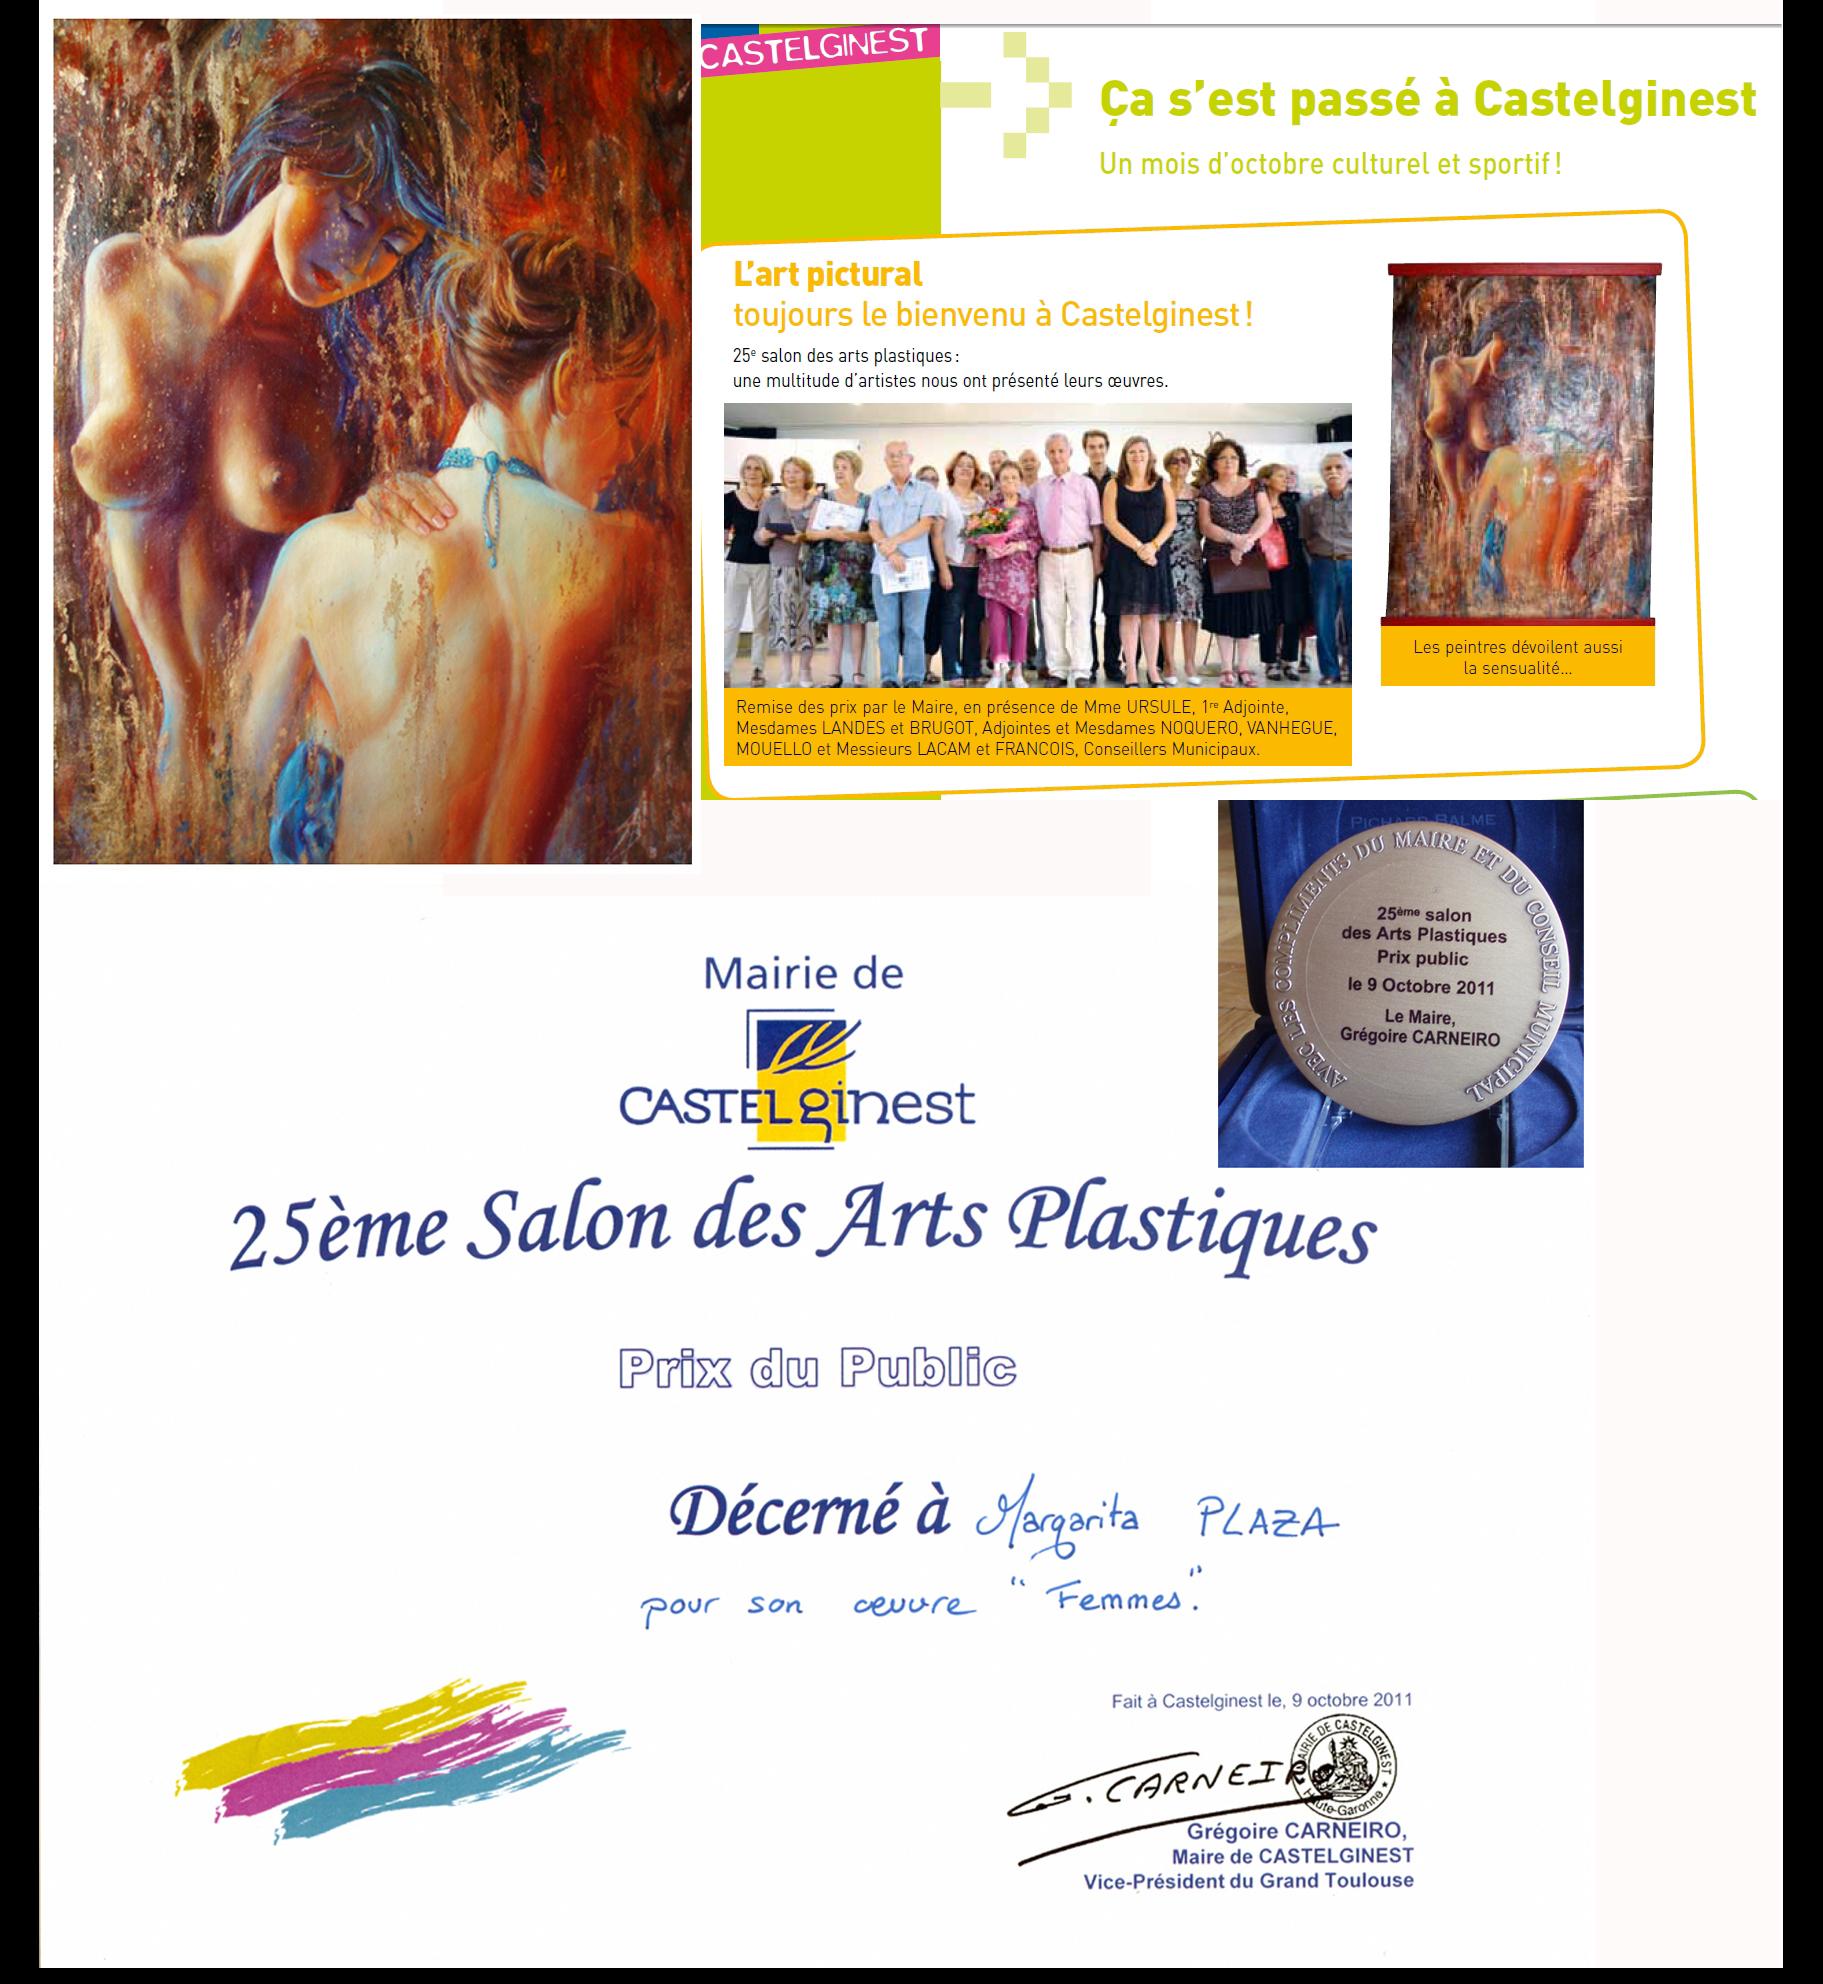 2012 Prix du public Castelginest